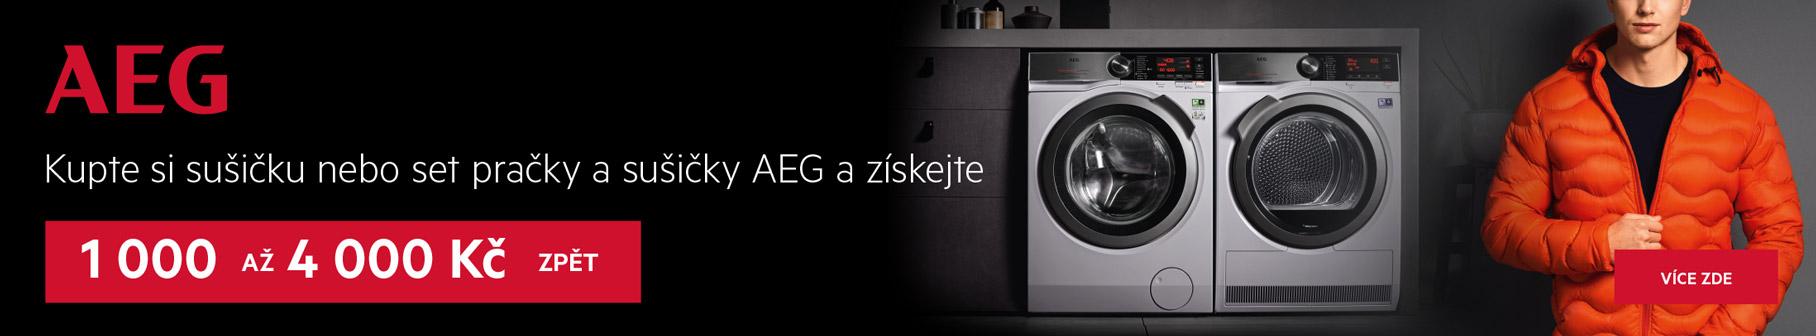 AEGCB1